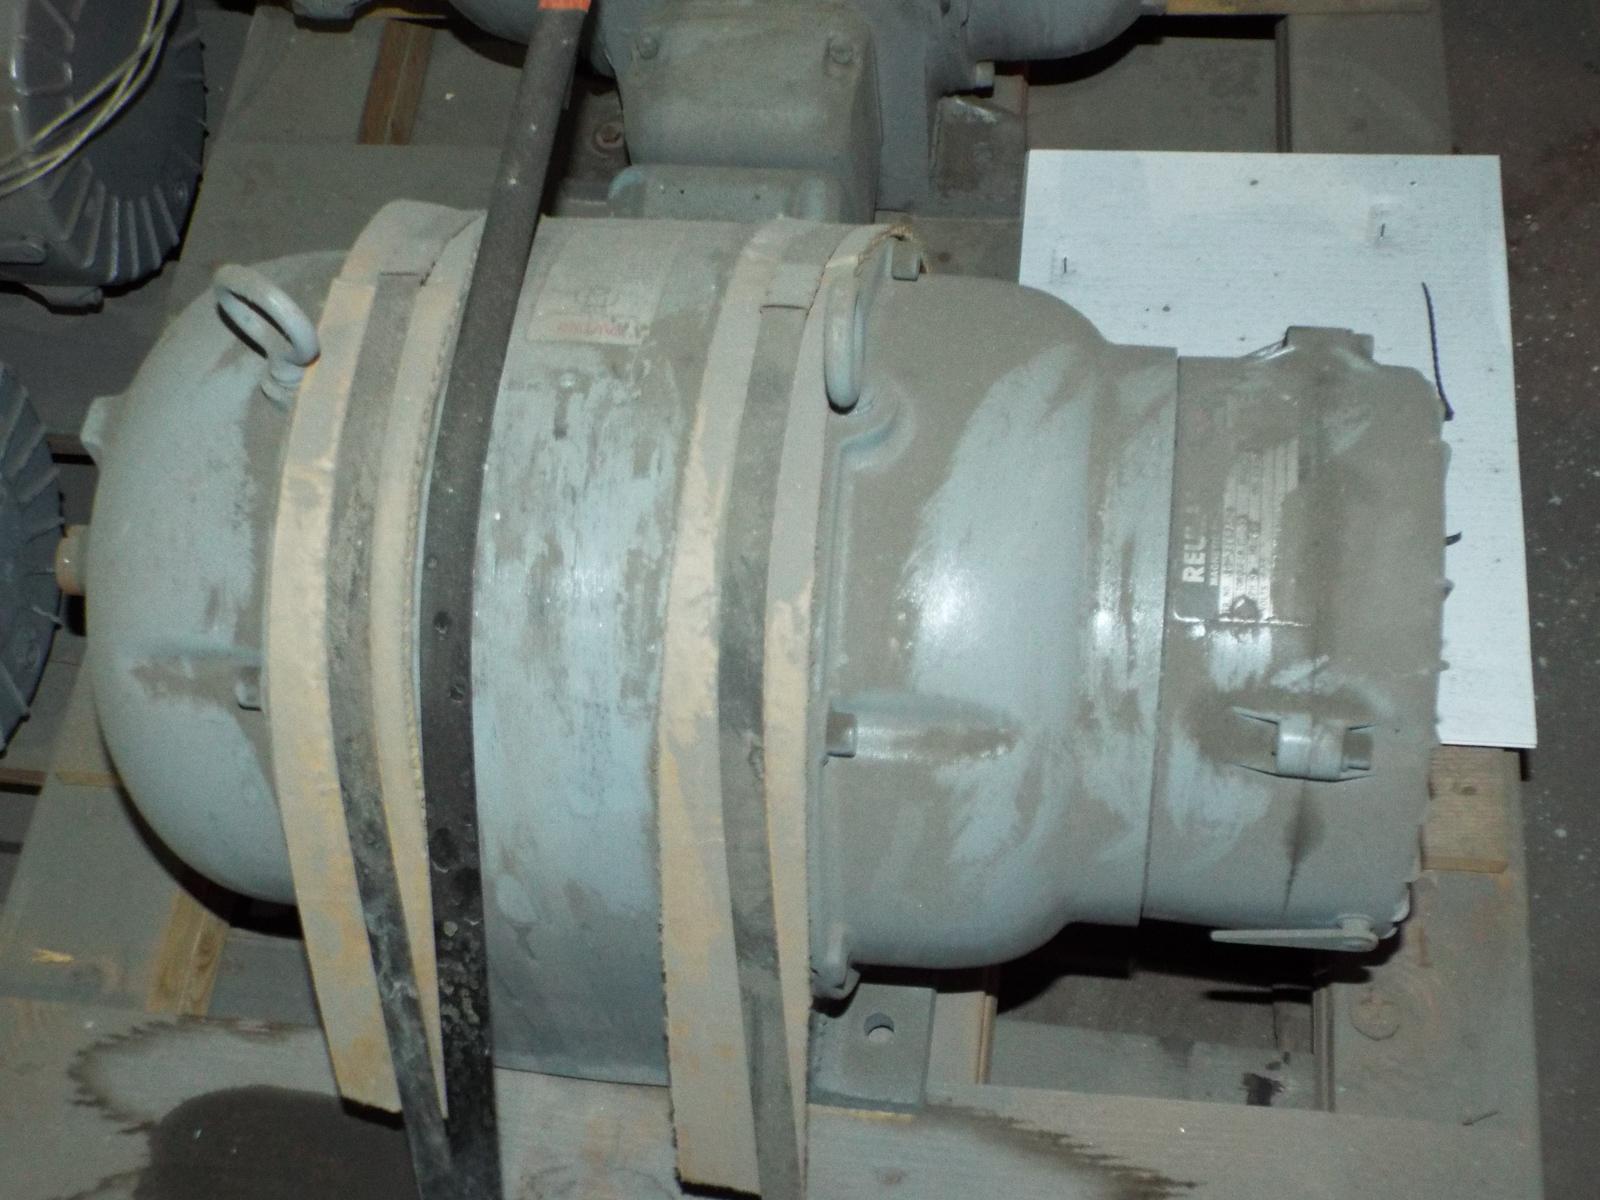 LOT/ (4) REULAND HOIST MOTORS 7.5HP/1800RPM/575V/3PH/60HZ/254U WITH MAGNETIC BRAKE (PLT 6L) - Image 4 of 5